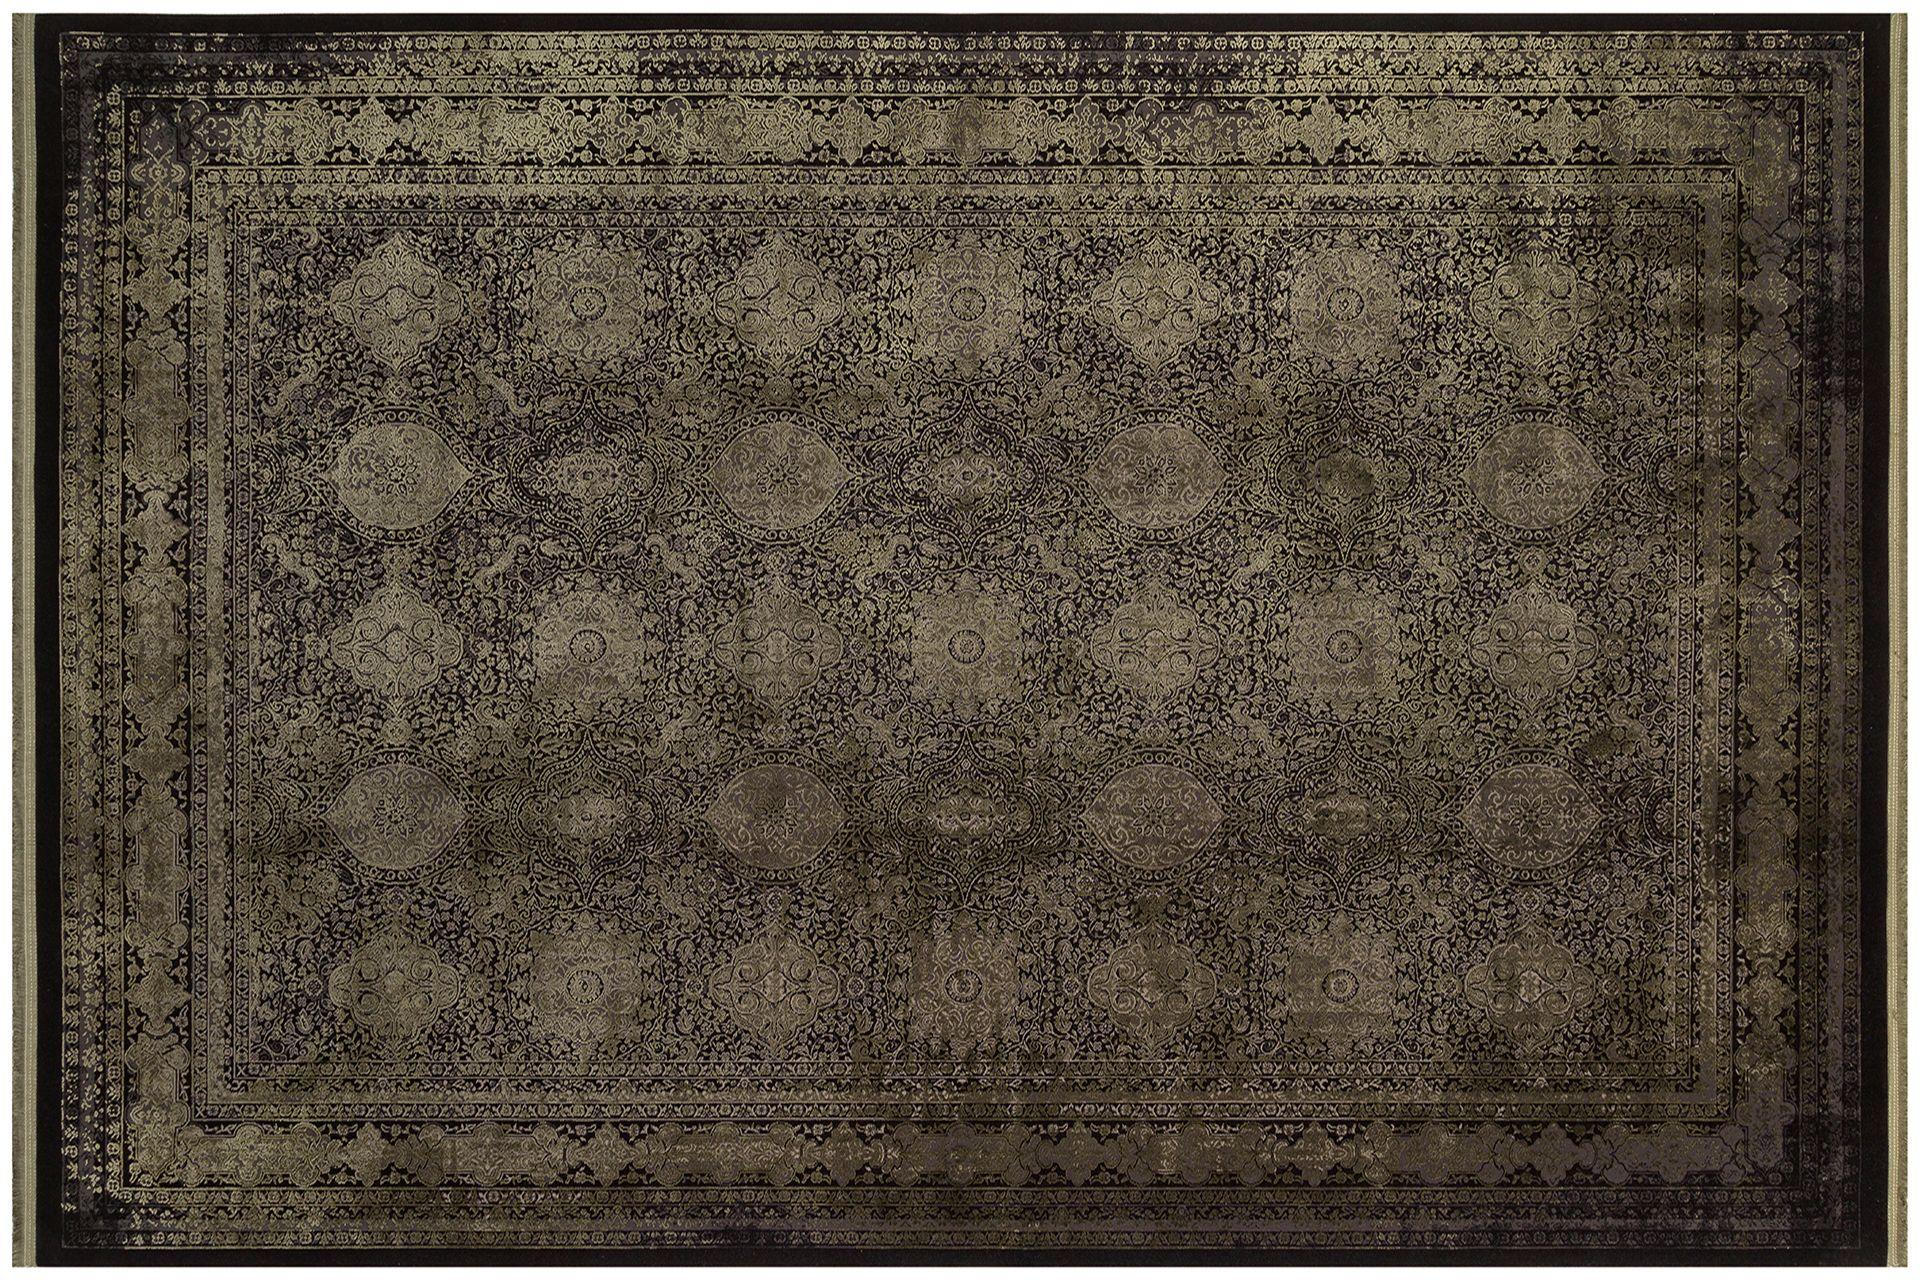 ANADOLU AD 02 ANTRASİT YEŞİL KLASİK DESENLİ SALON HALISI 100x200